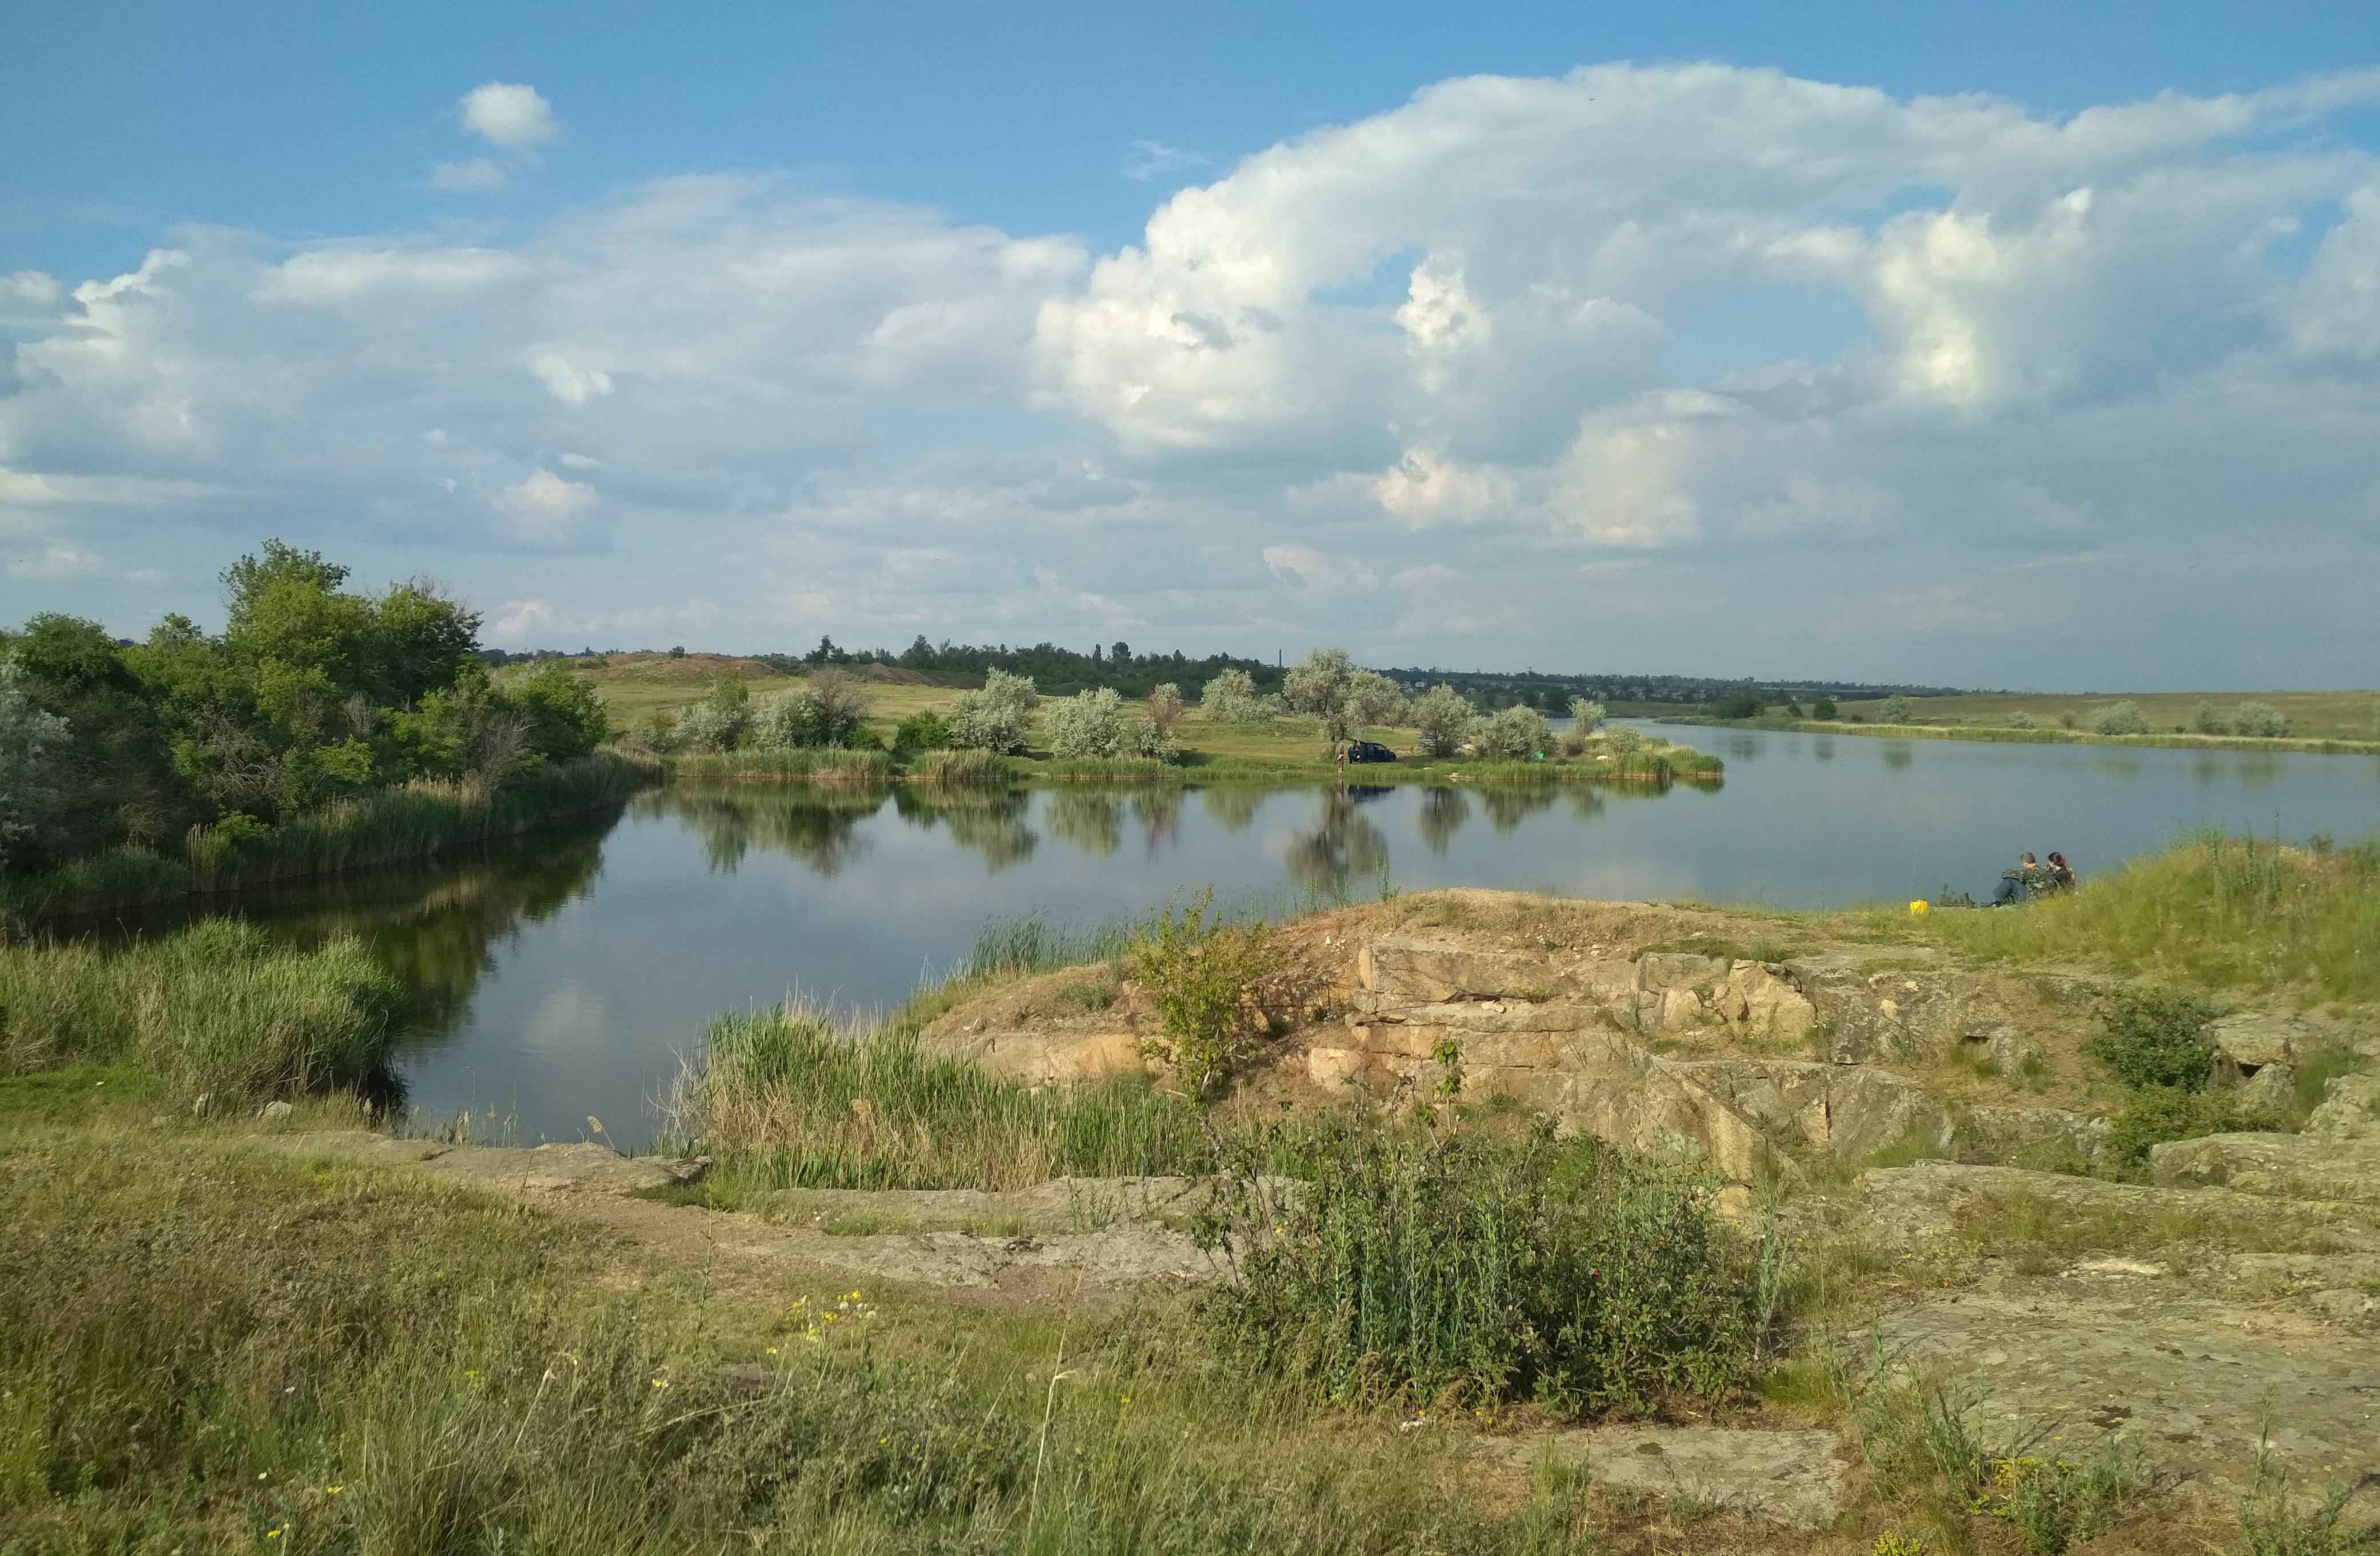 речка Мокрая Московка рисунок